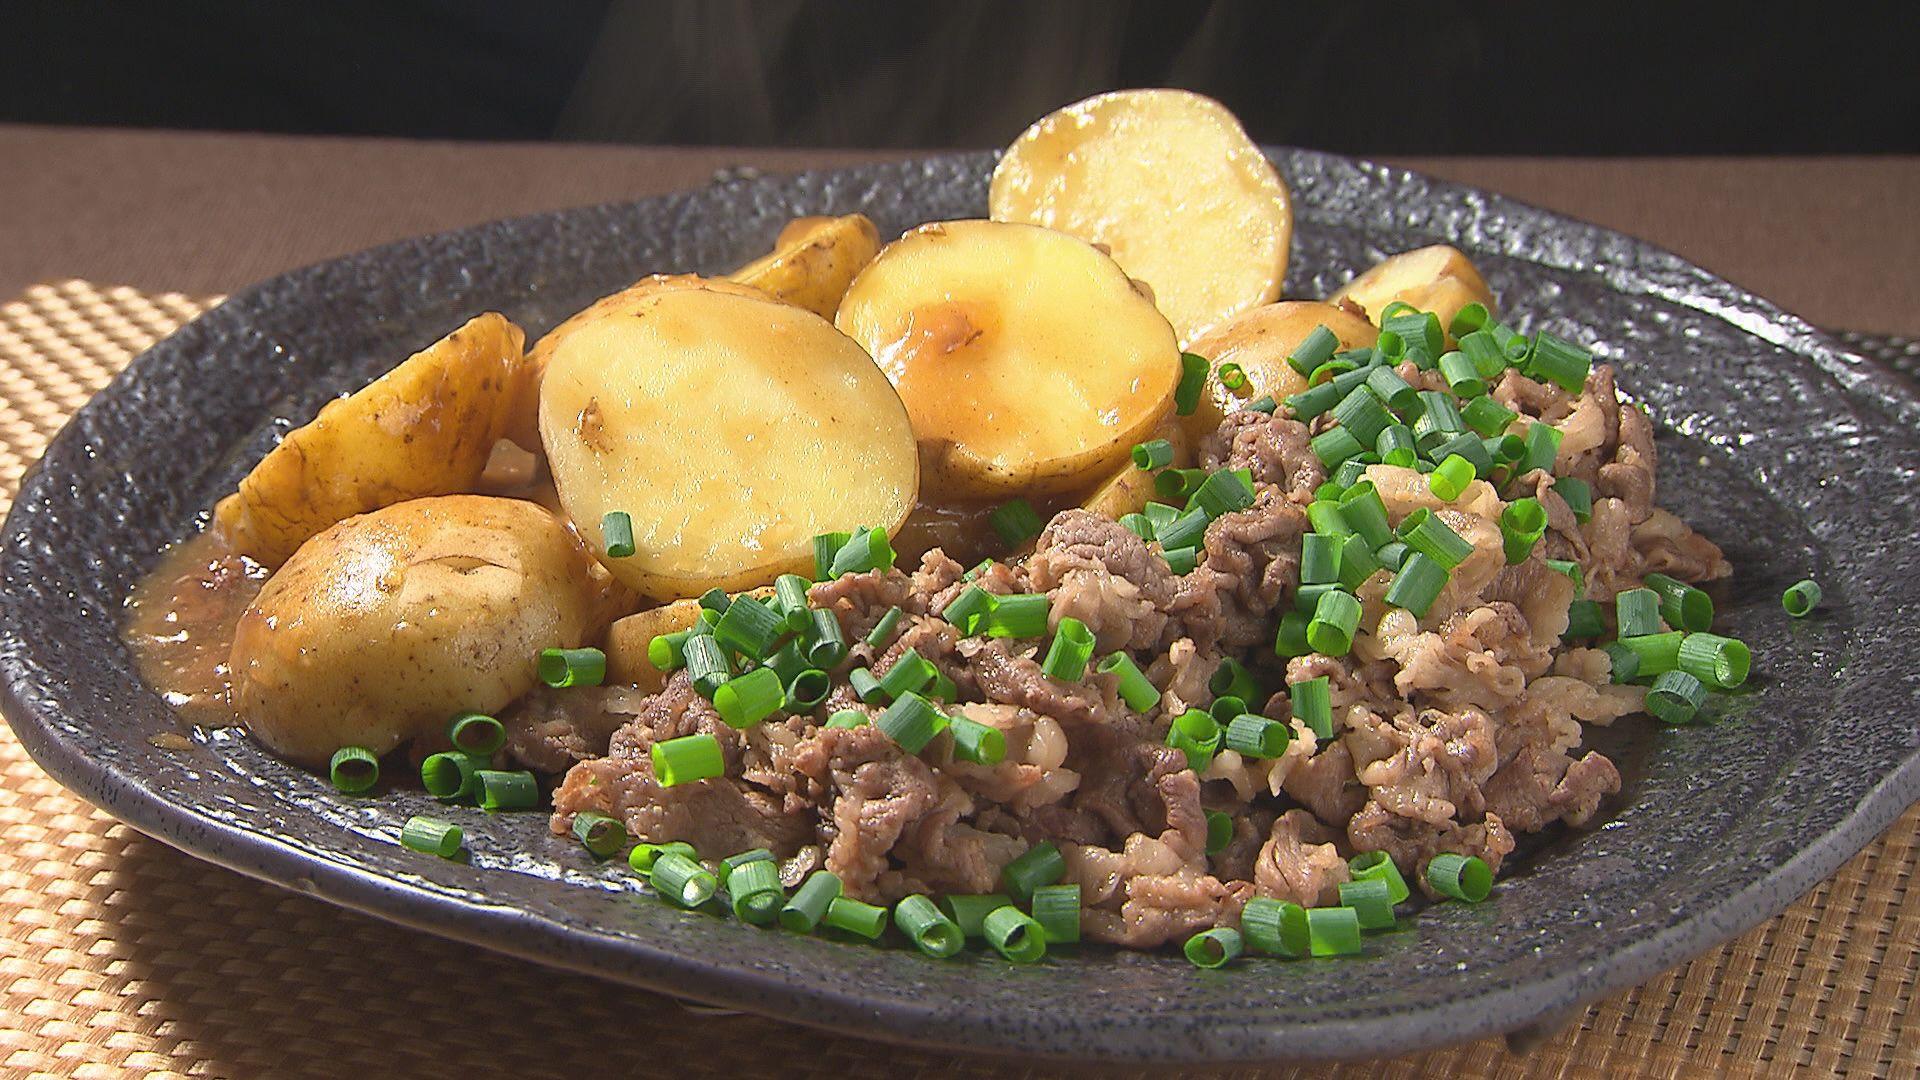 好評レシピの進化版 新じゃが料理と簡単「油淋鶏」